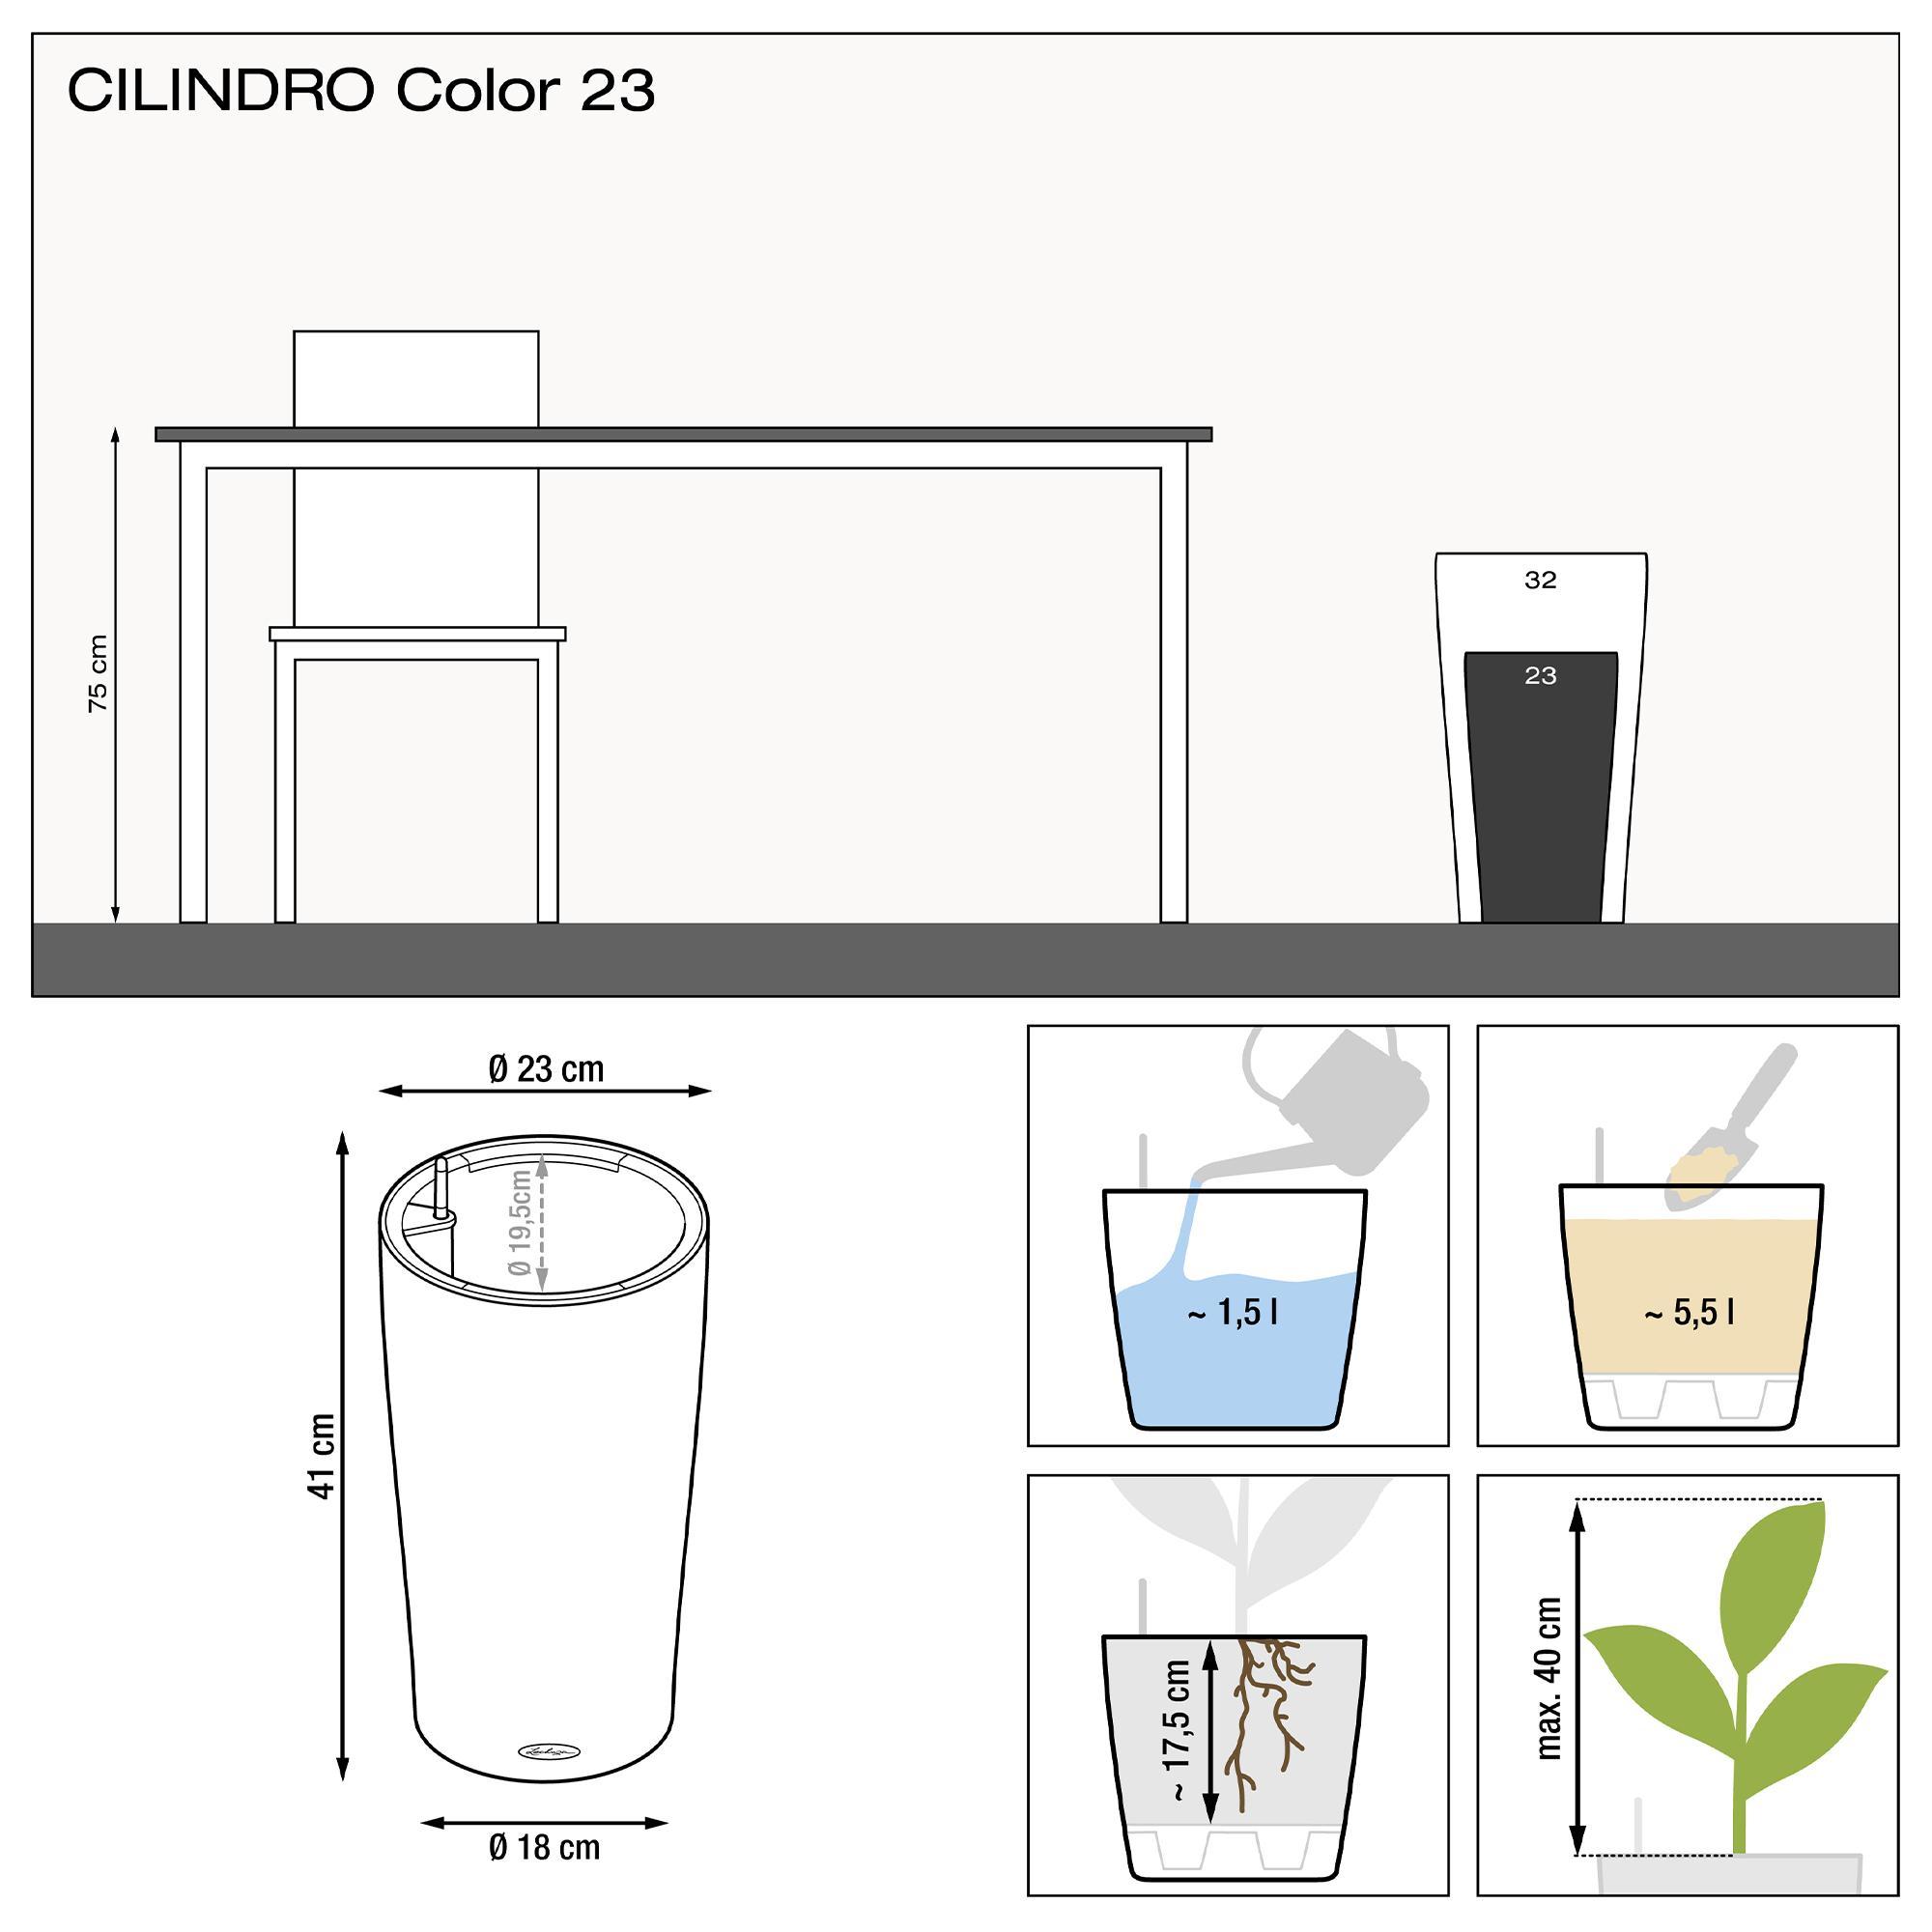 CILINDRO Color 23 white - Image 3